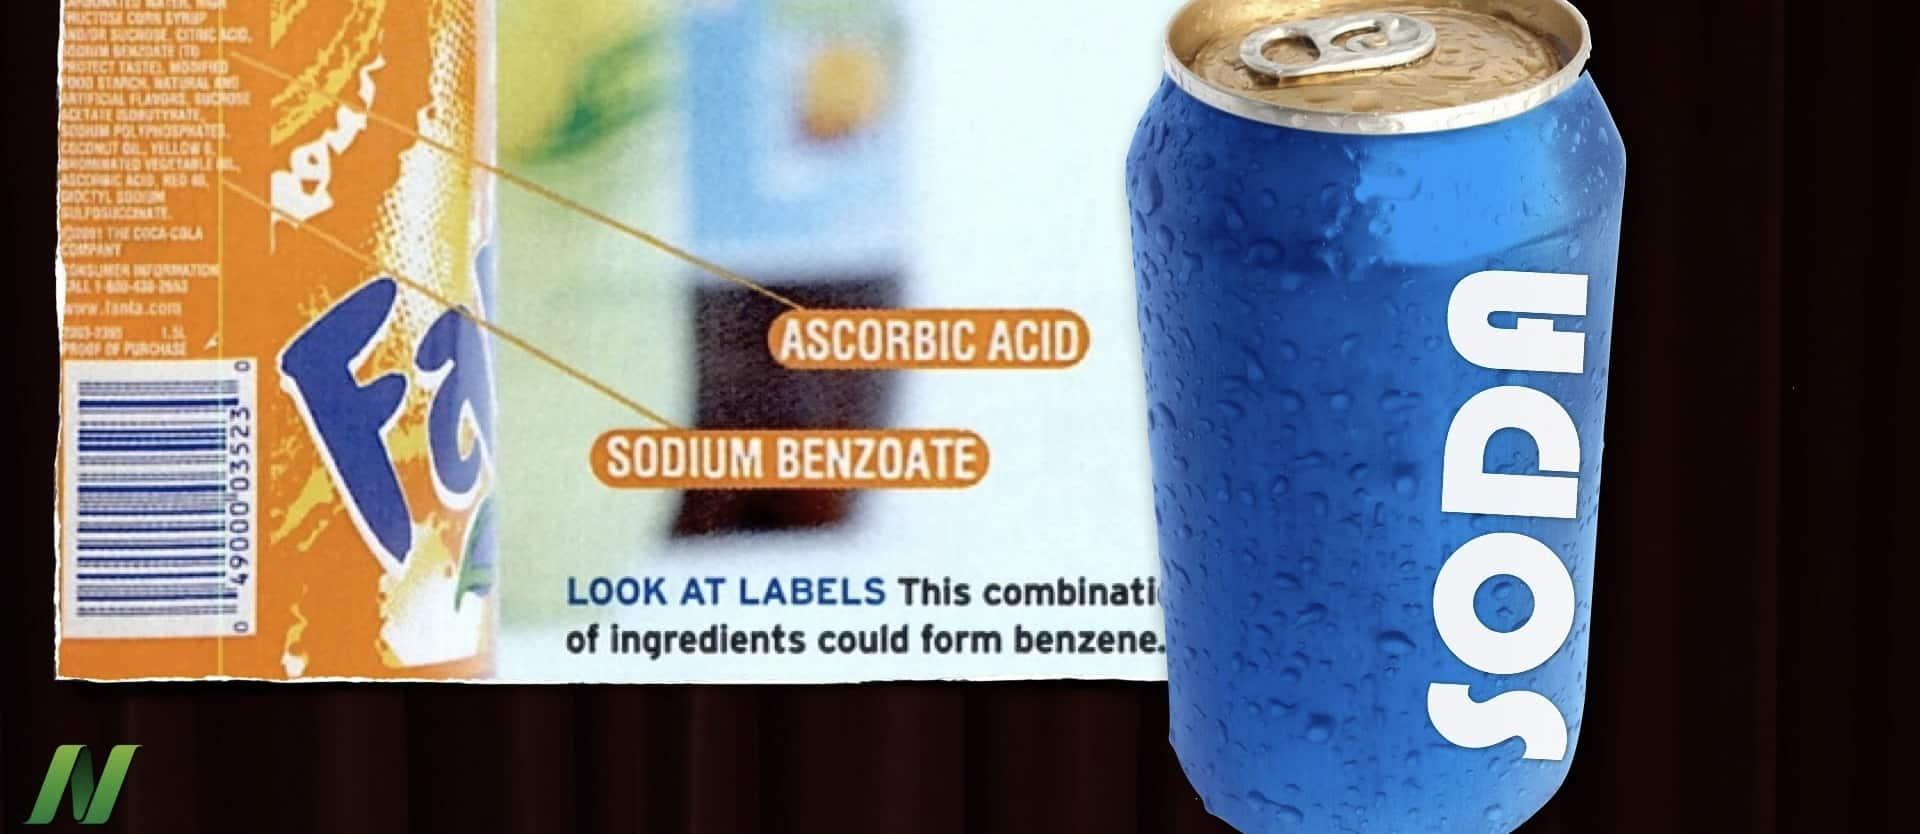 Is Sodium Benzoate Harmful?